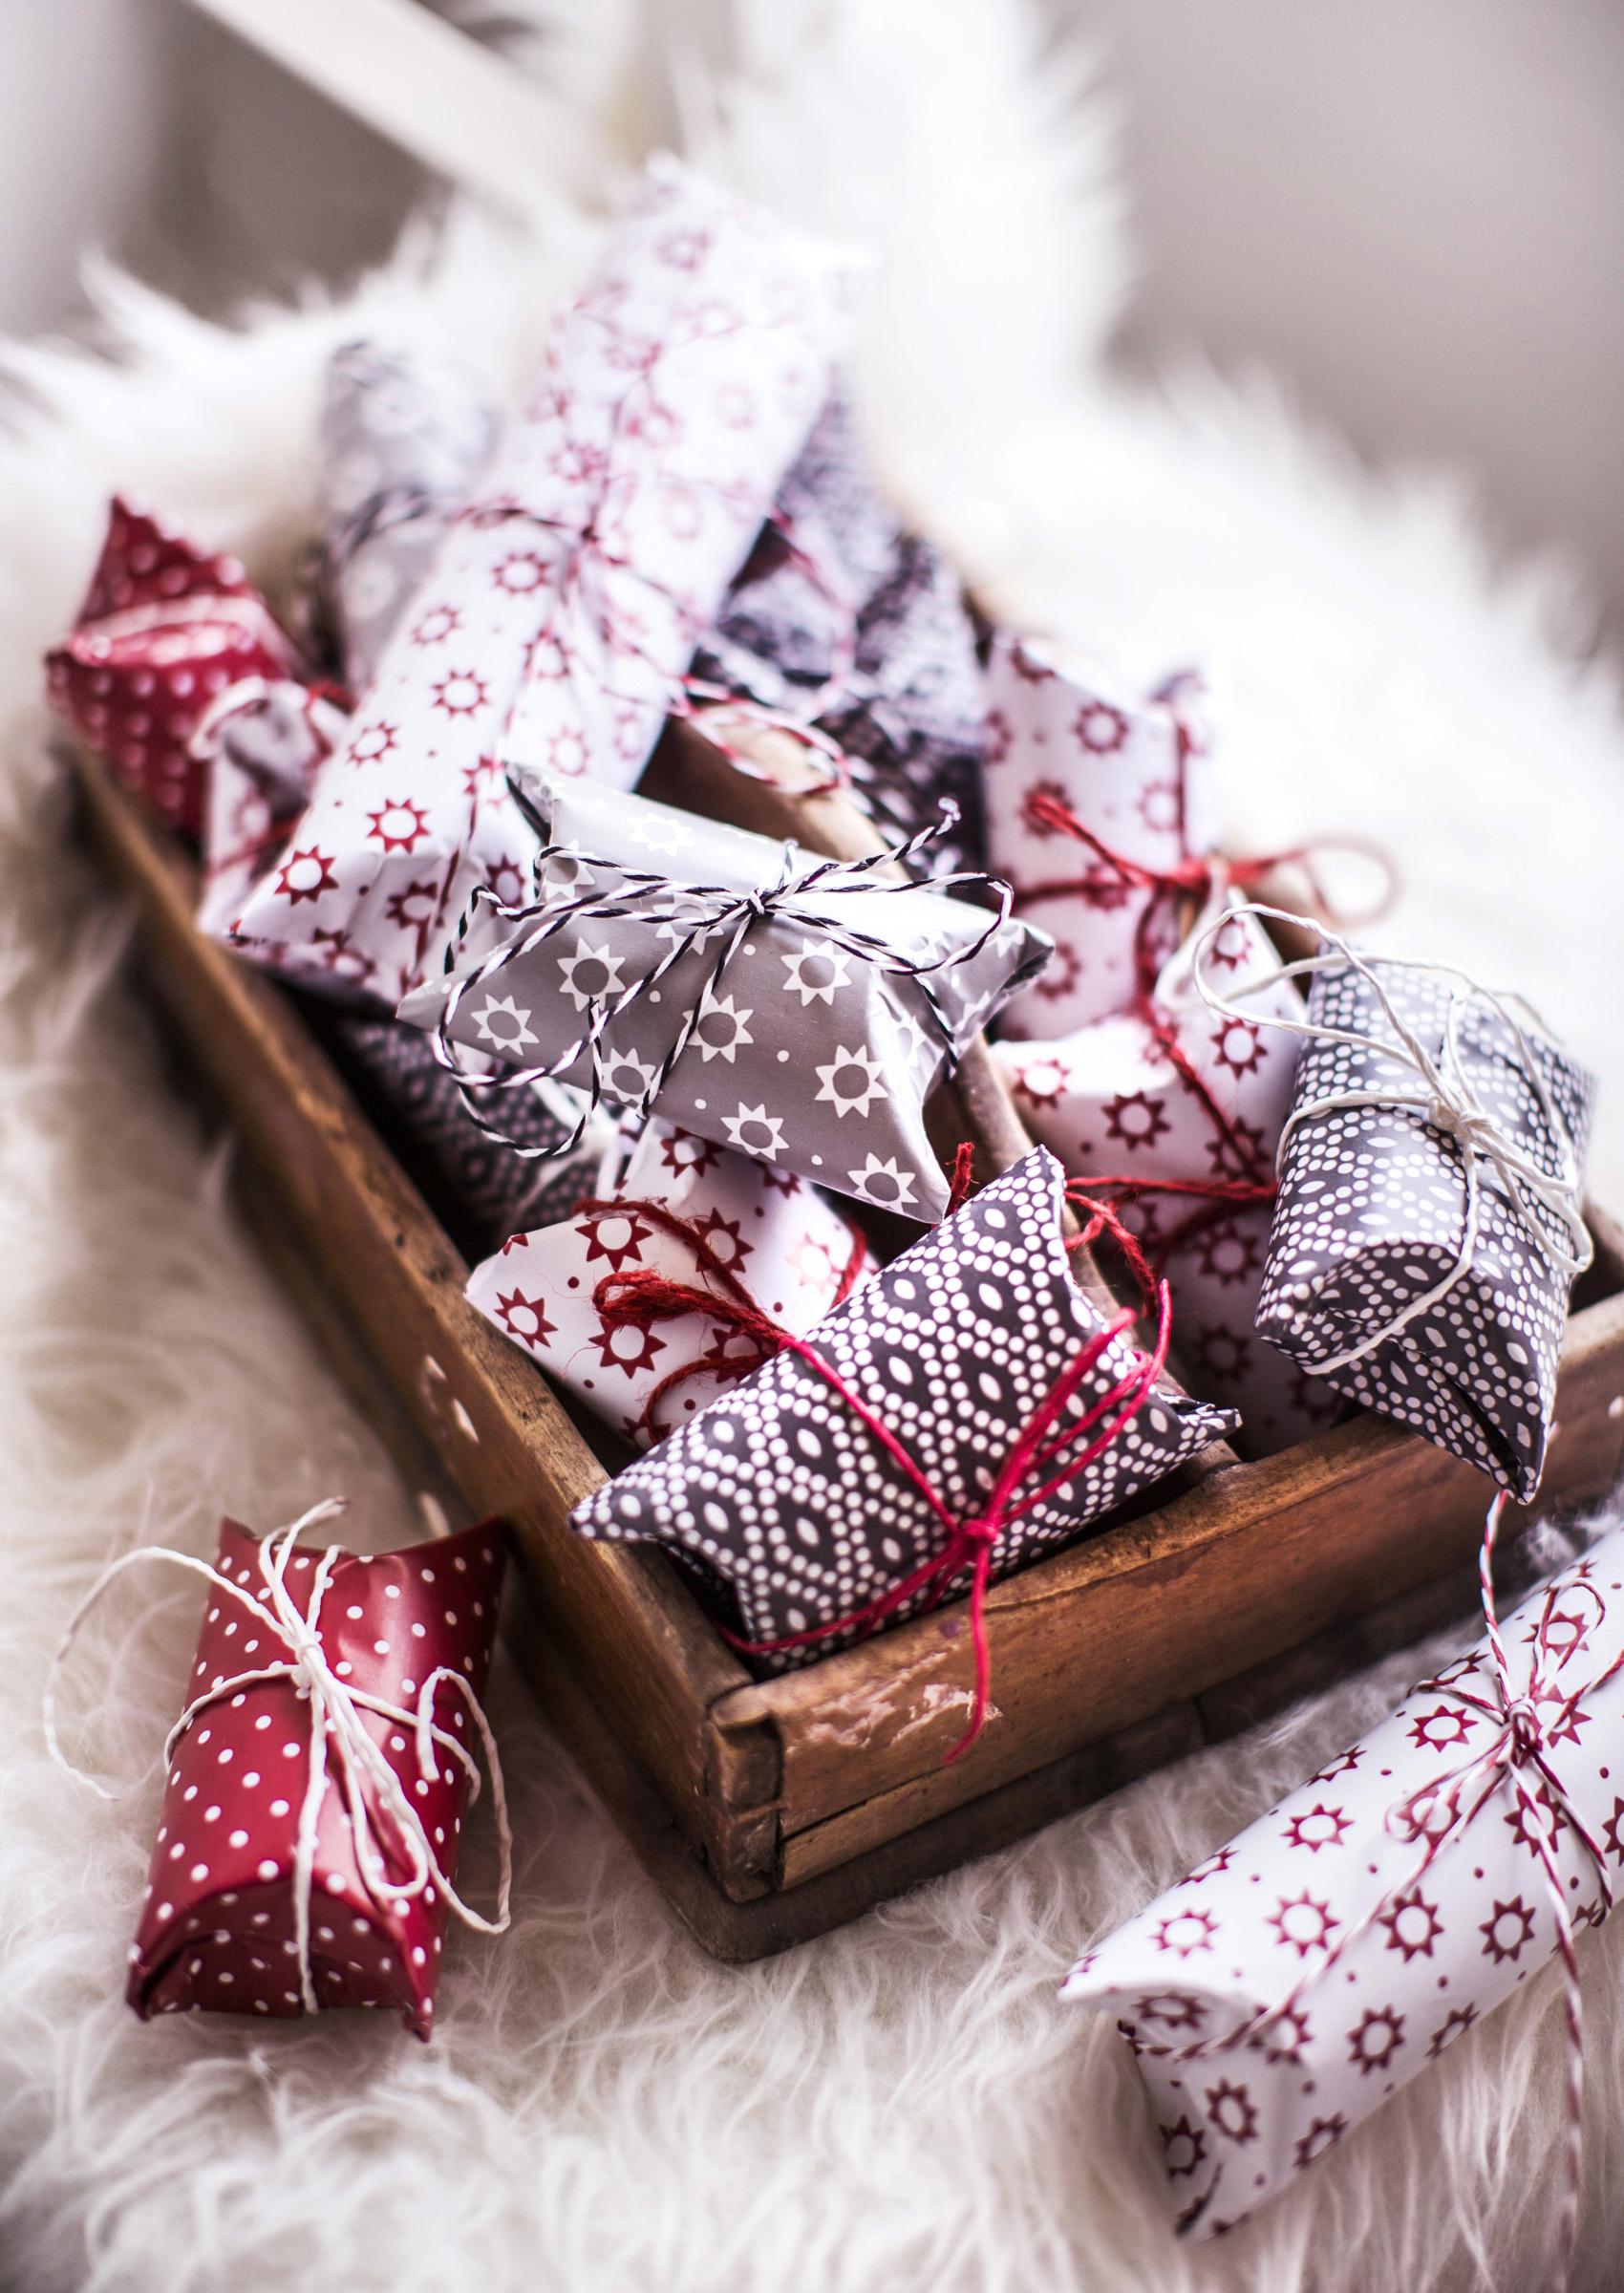 Pikkulahjojen paketoinnissa voi hyödyntää vessapaperihylsyjä. Niiden avulla lahjasta saa säännöllisen muotoisen.